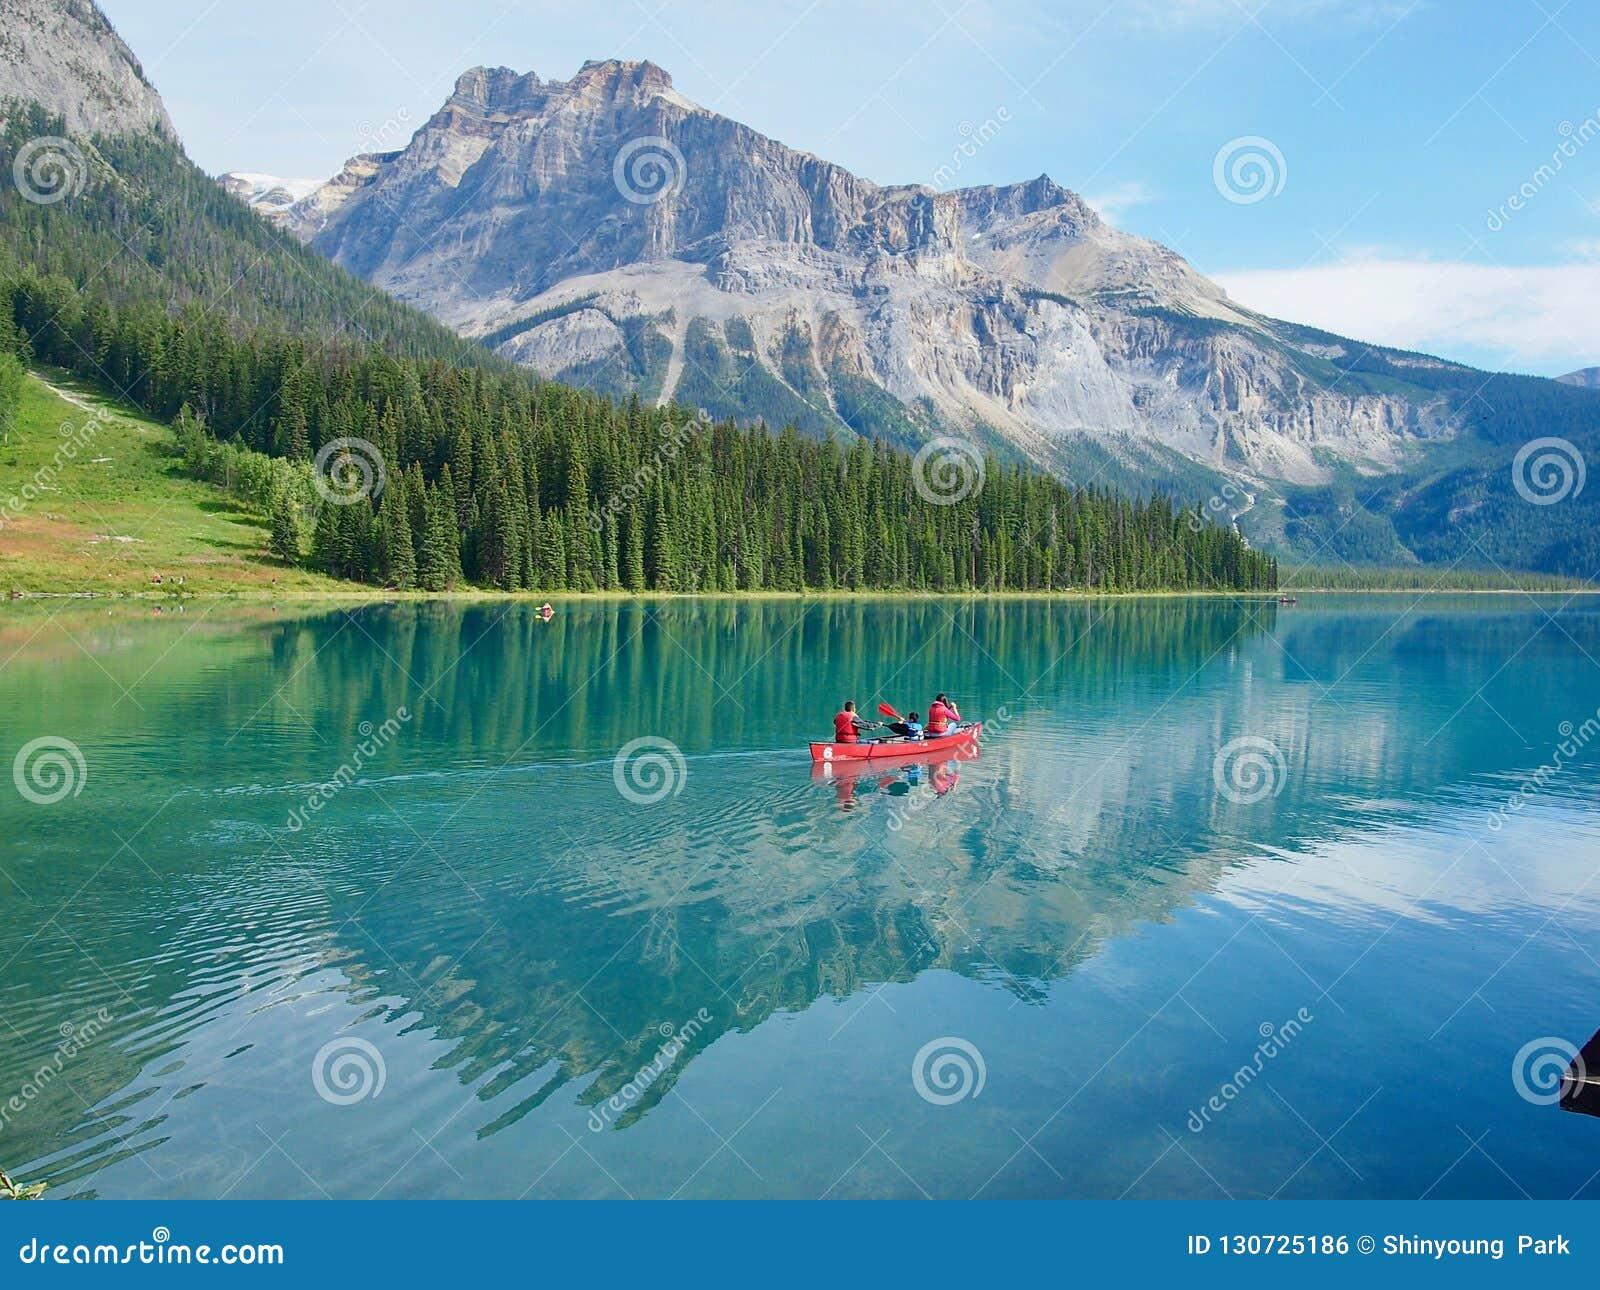 Семья на путешествии Kanu в изумрудном озере в национальном парке Yoho,